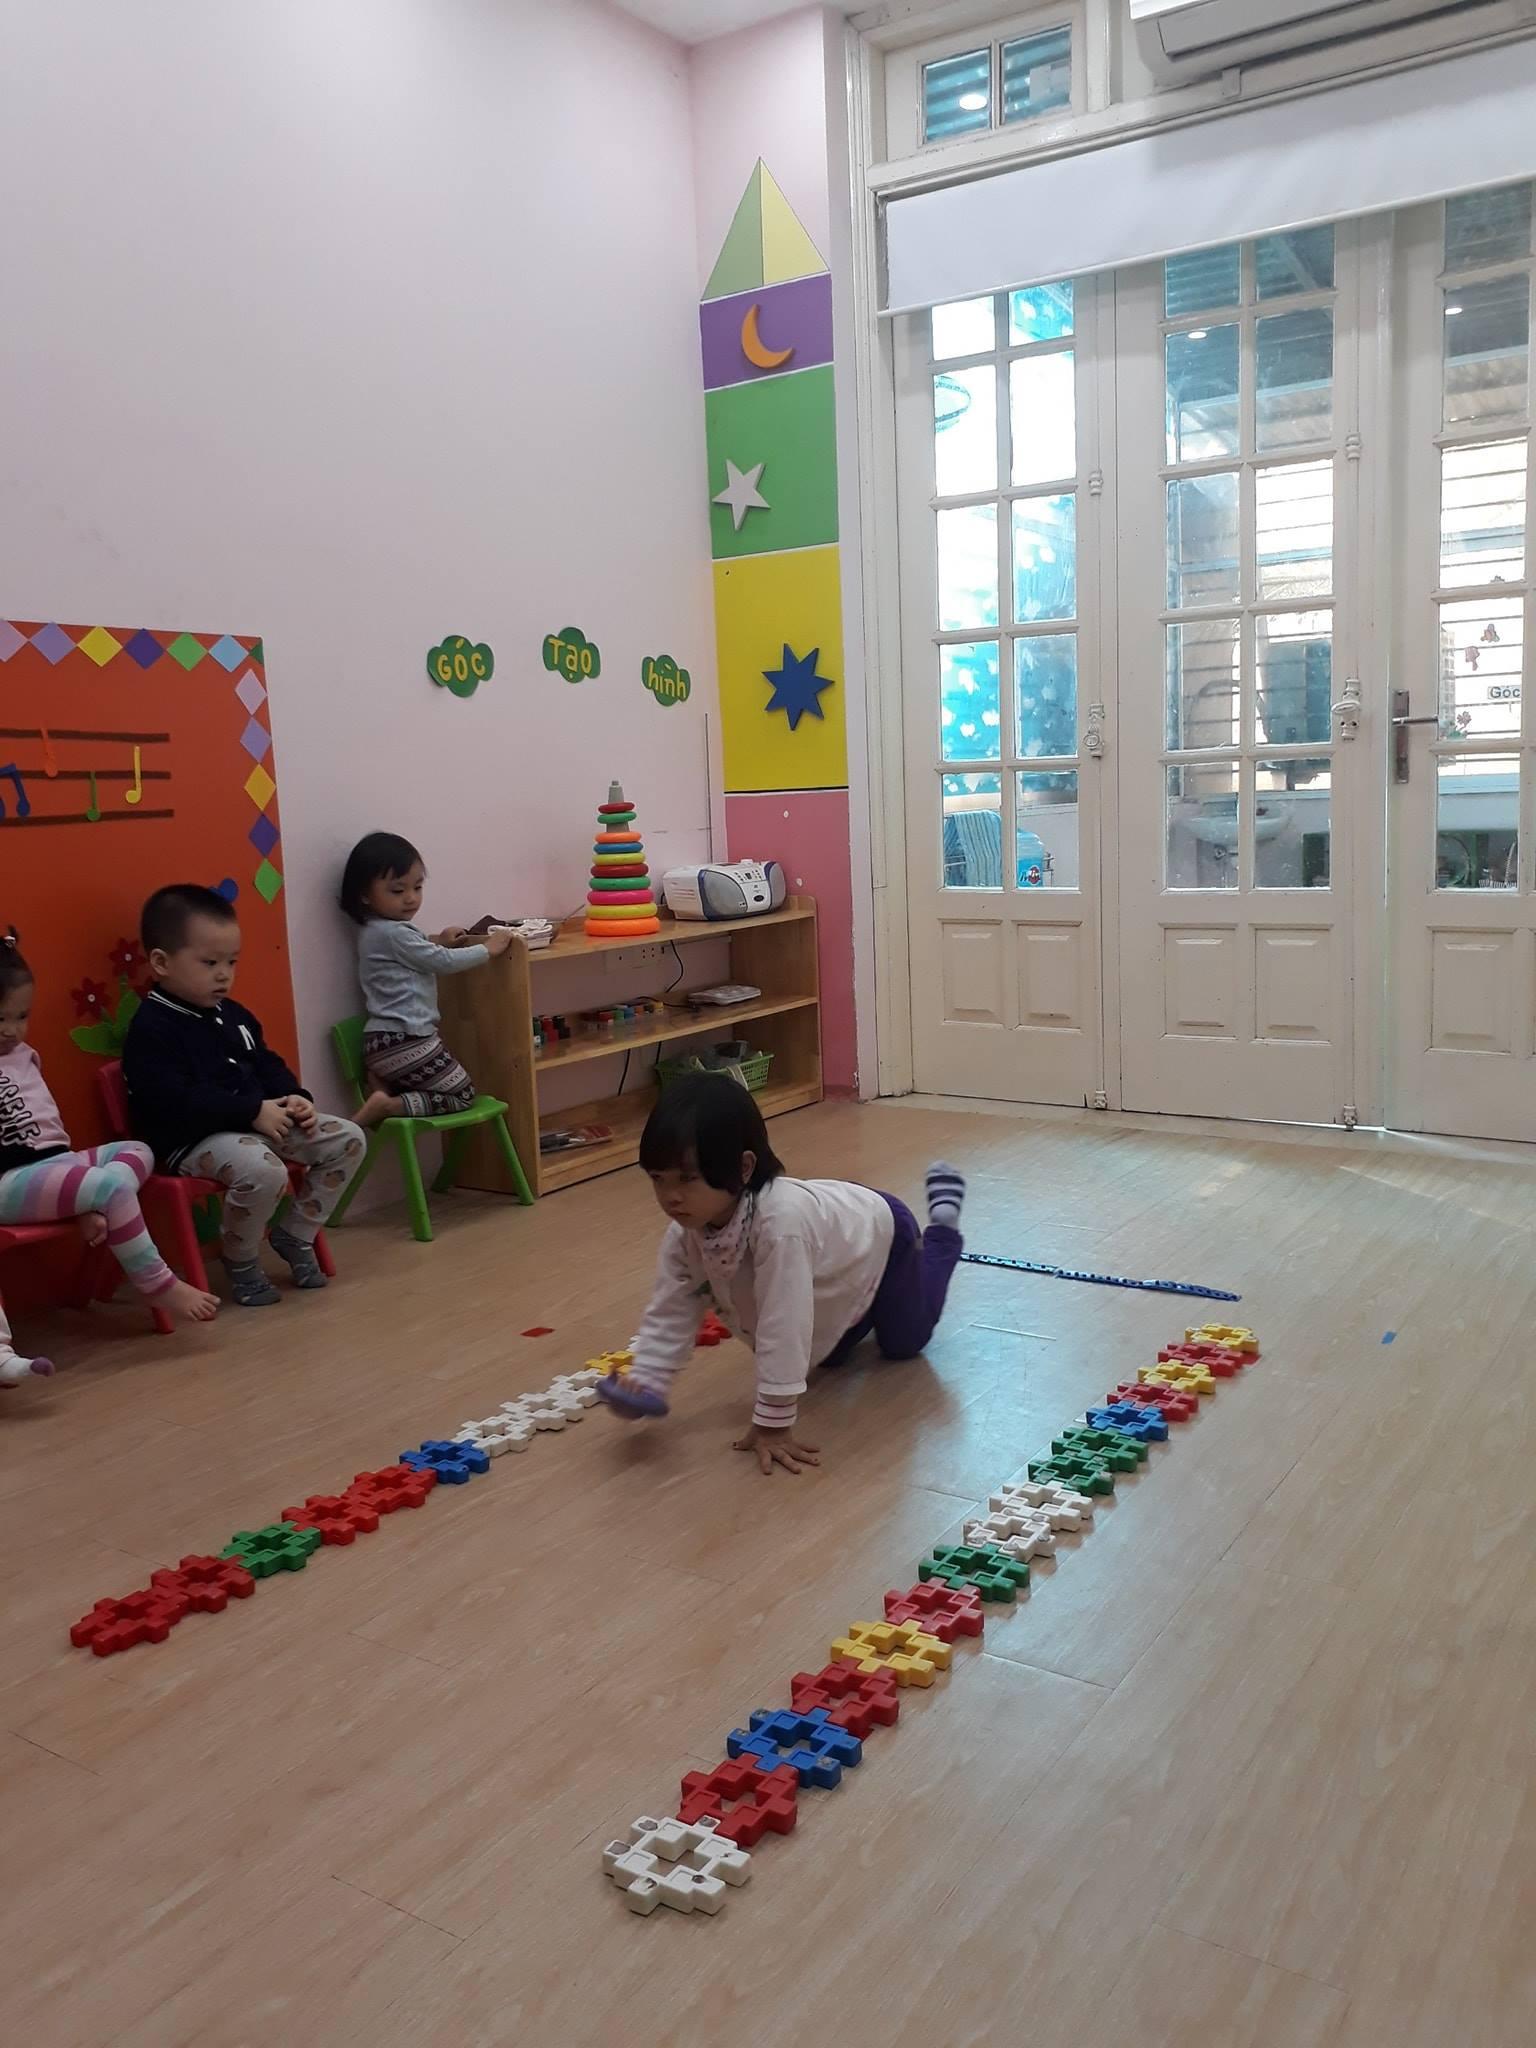 Trường mầm non Năng Khiếu Bé Vui ( Kidsfun Preschool ) - Nam Ngư